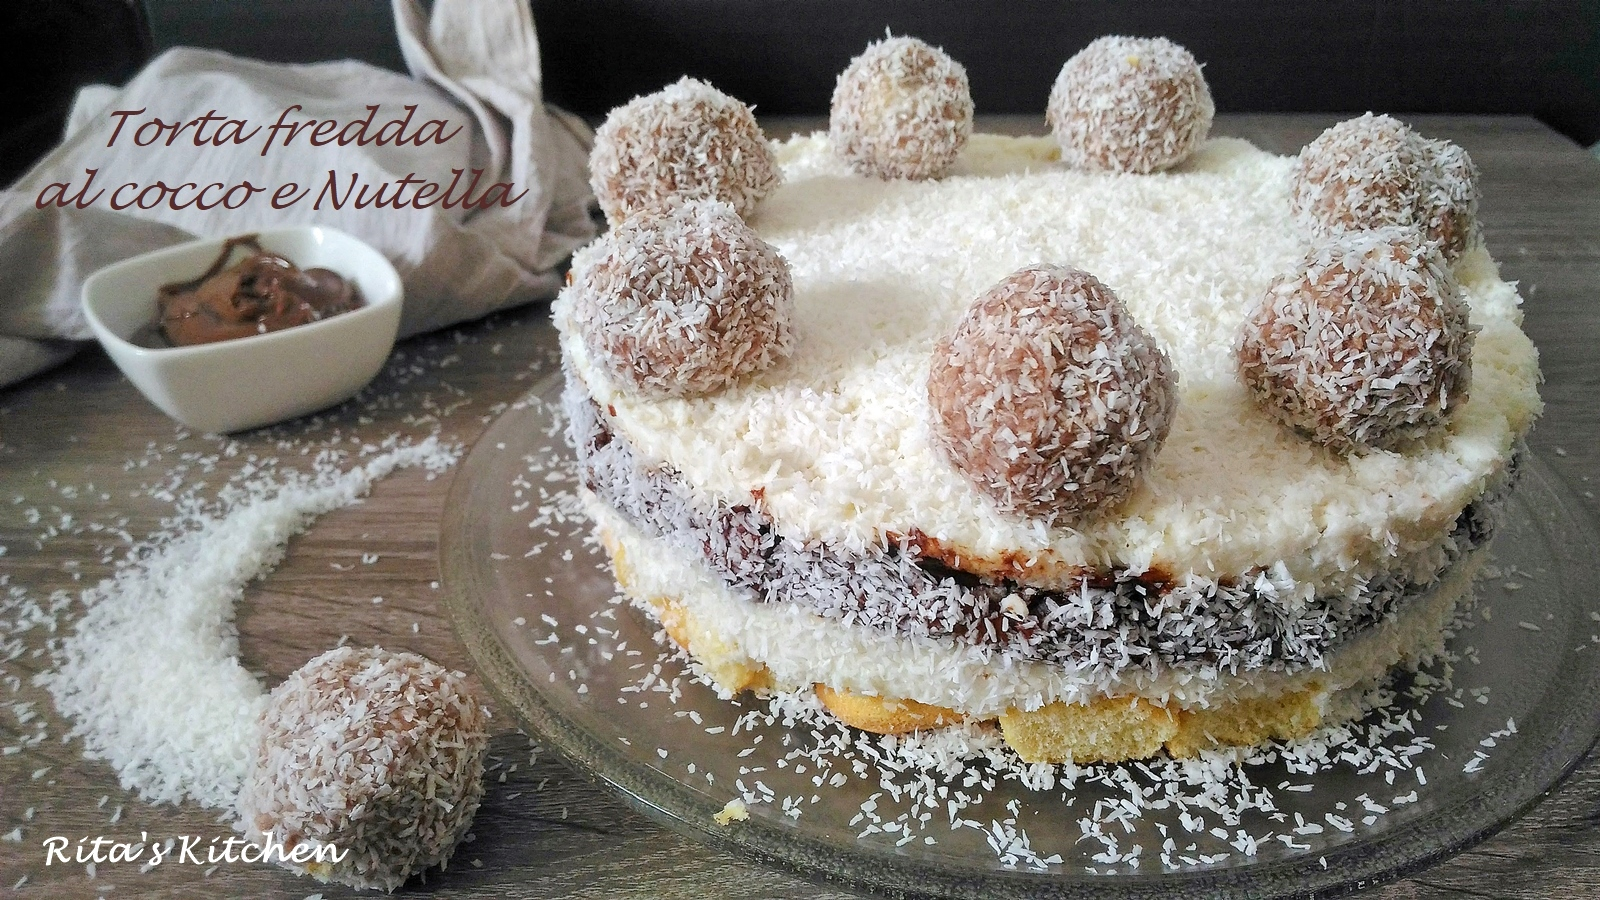 torta fredda al cocco e nutella